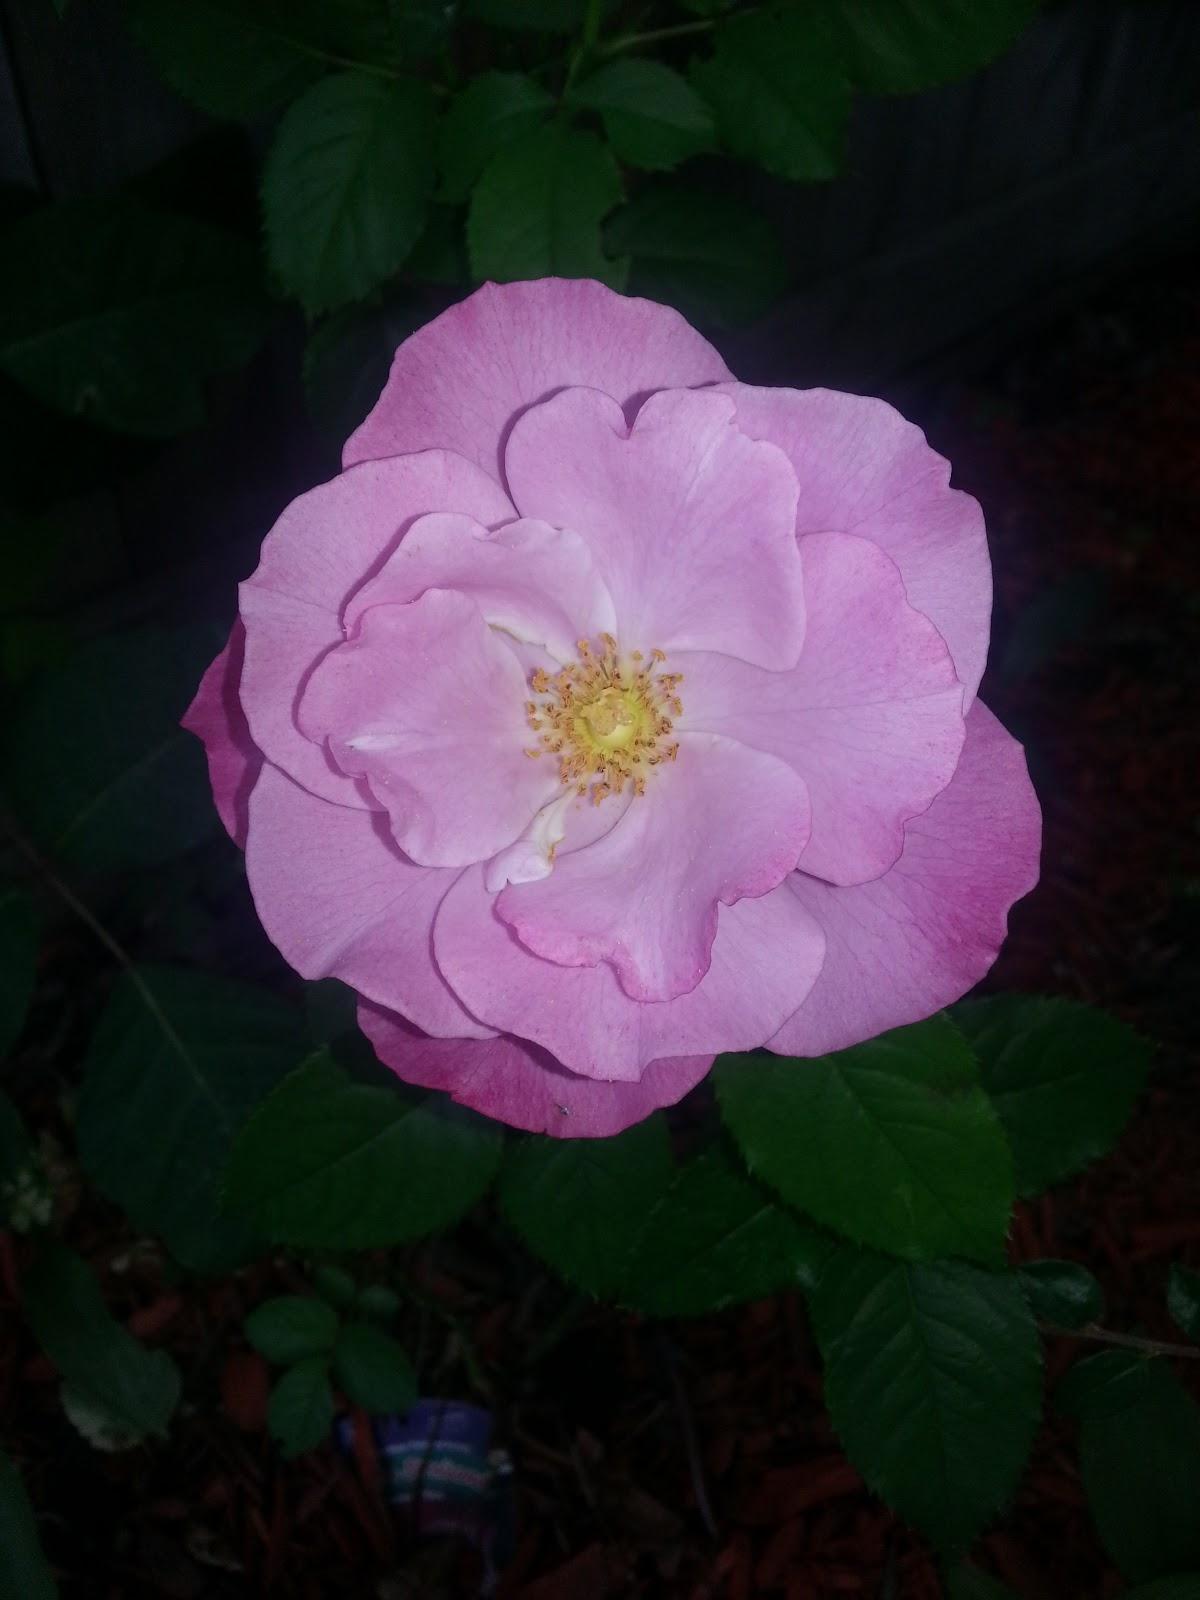 Barbra Streisand rose open image